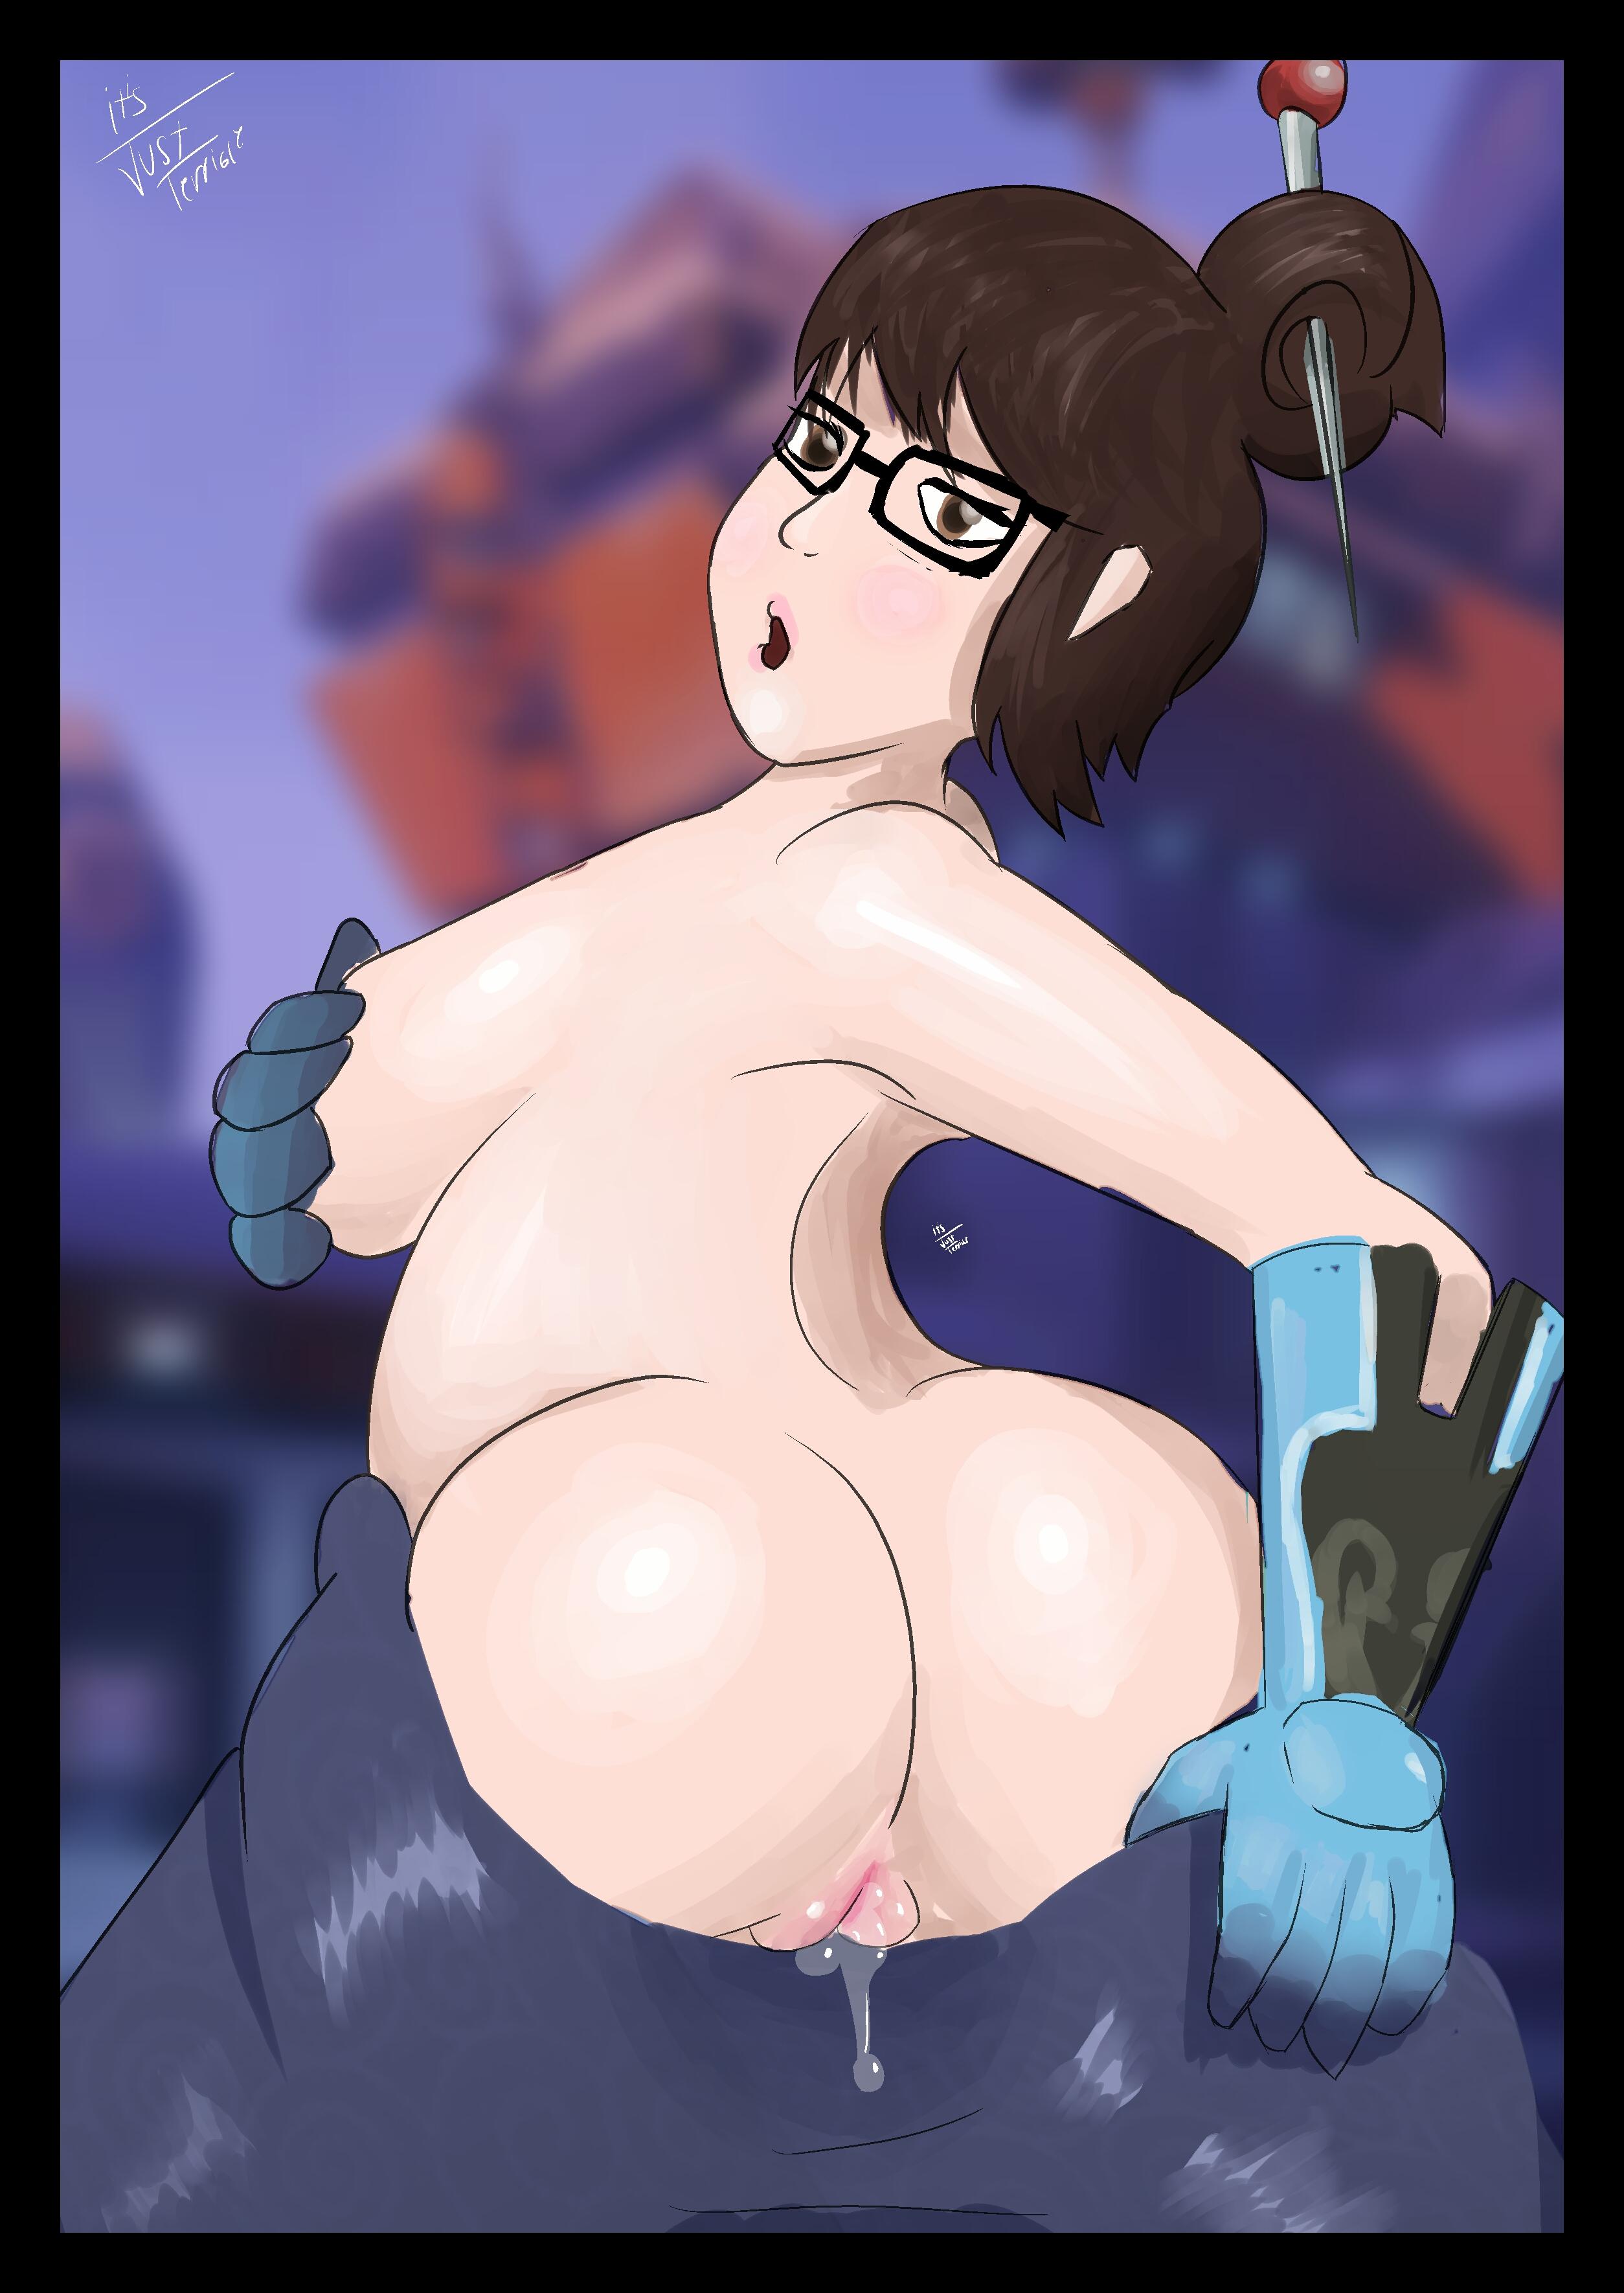 Mei-B I should quit art